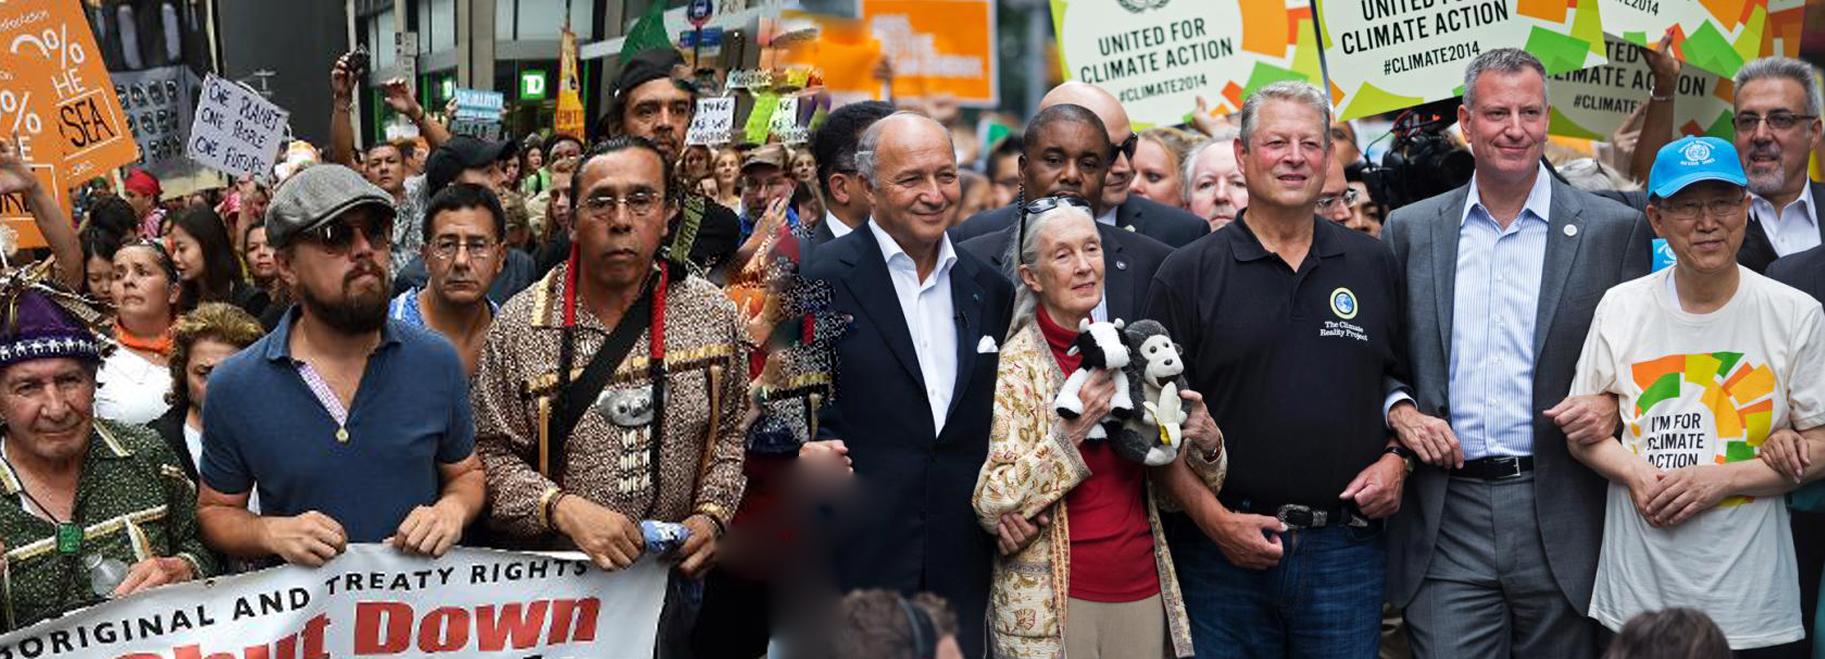 Climate change marchers